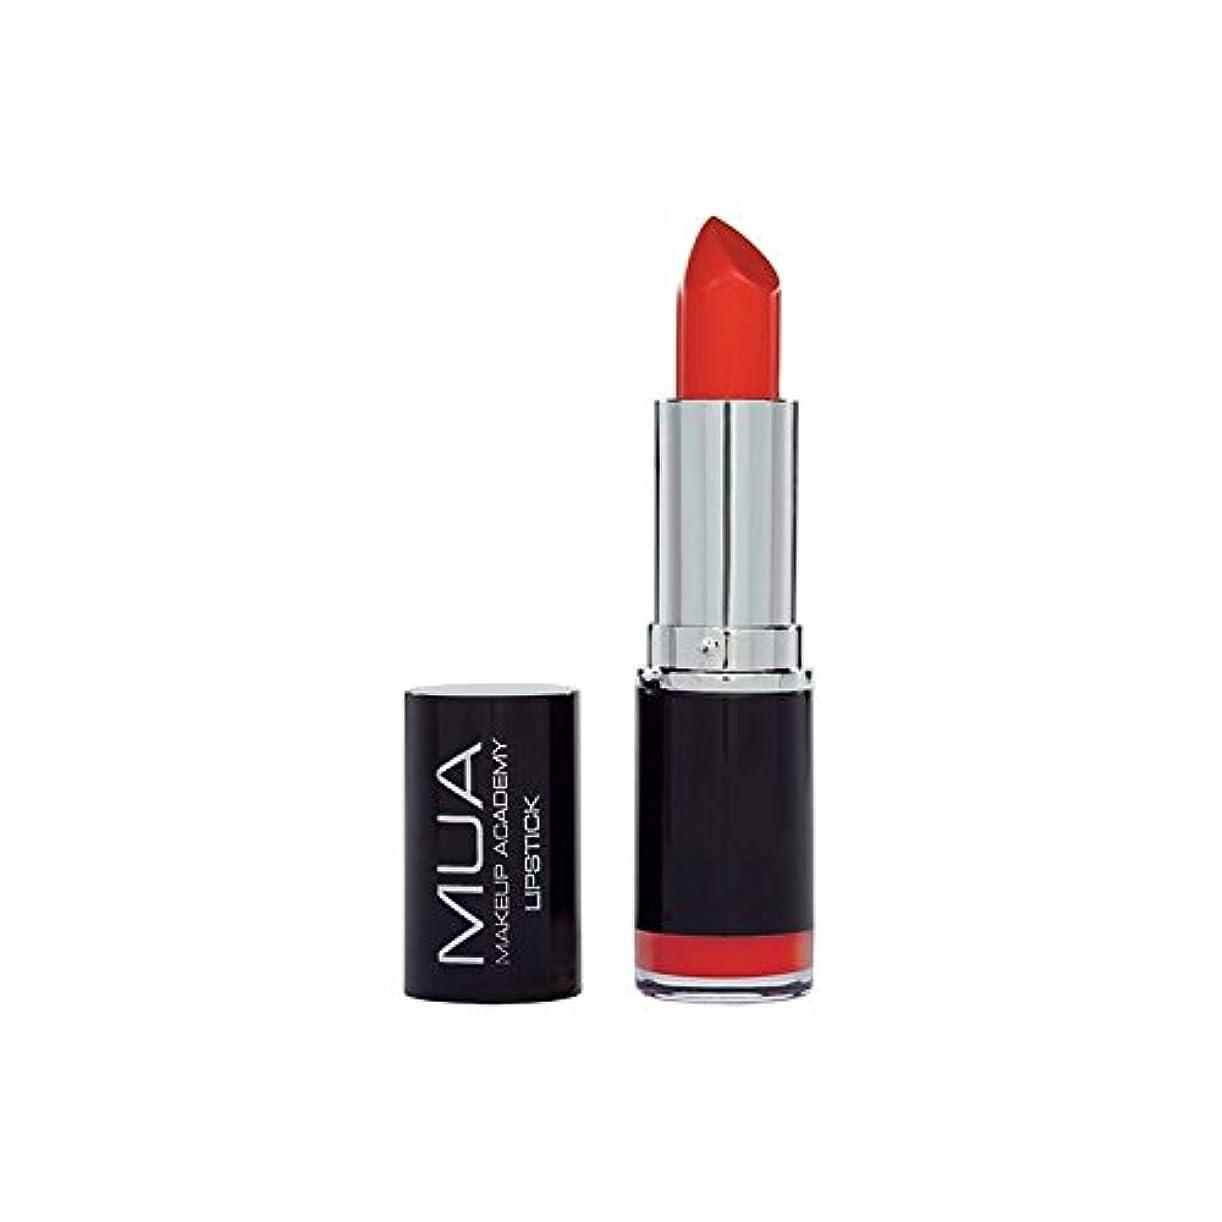 エラーブラウザ傷つけるMUA Lipstick - Coral Flush - の口紅 - サンゴフラッシュ [並行輸入品]